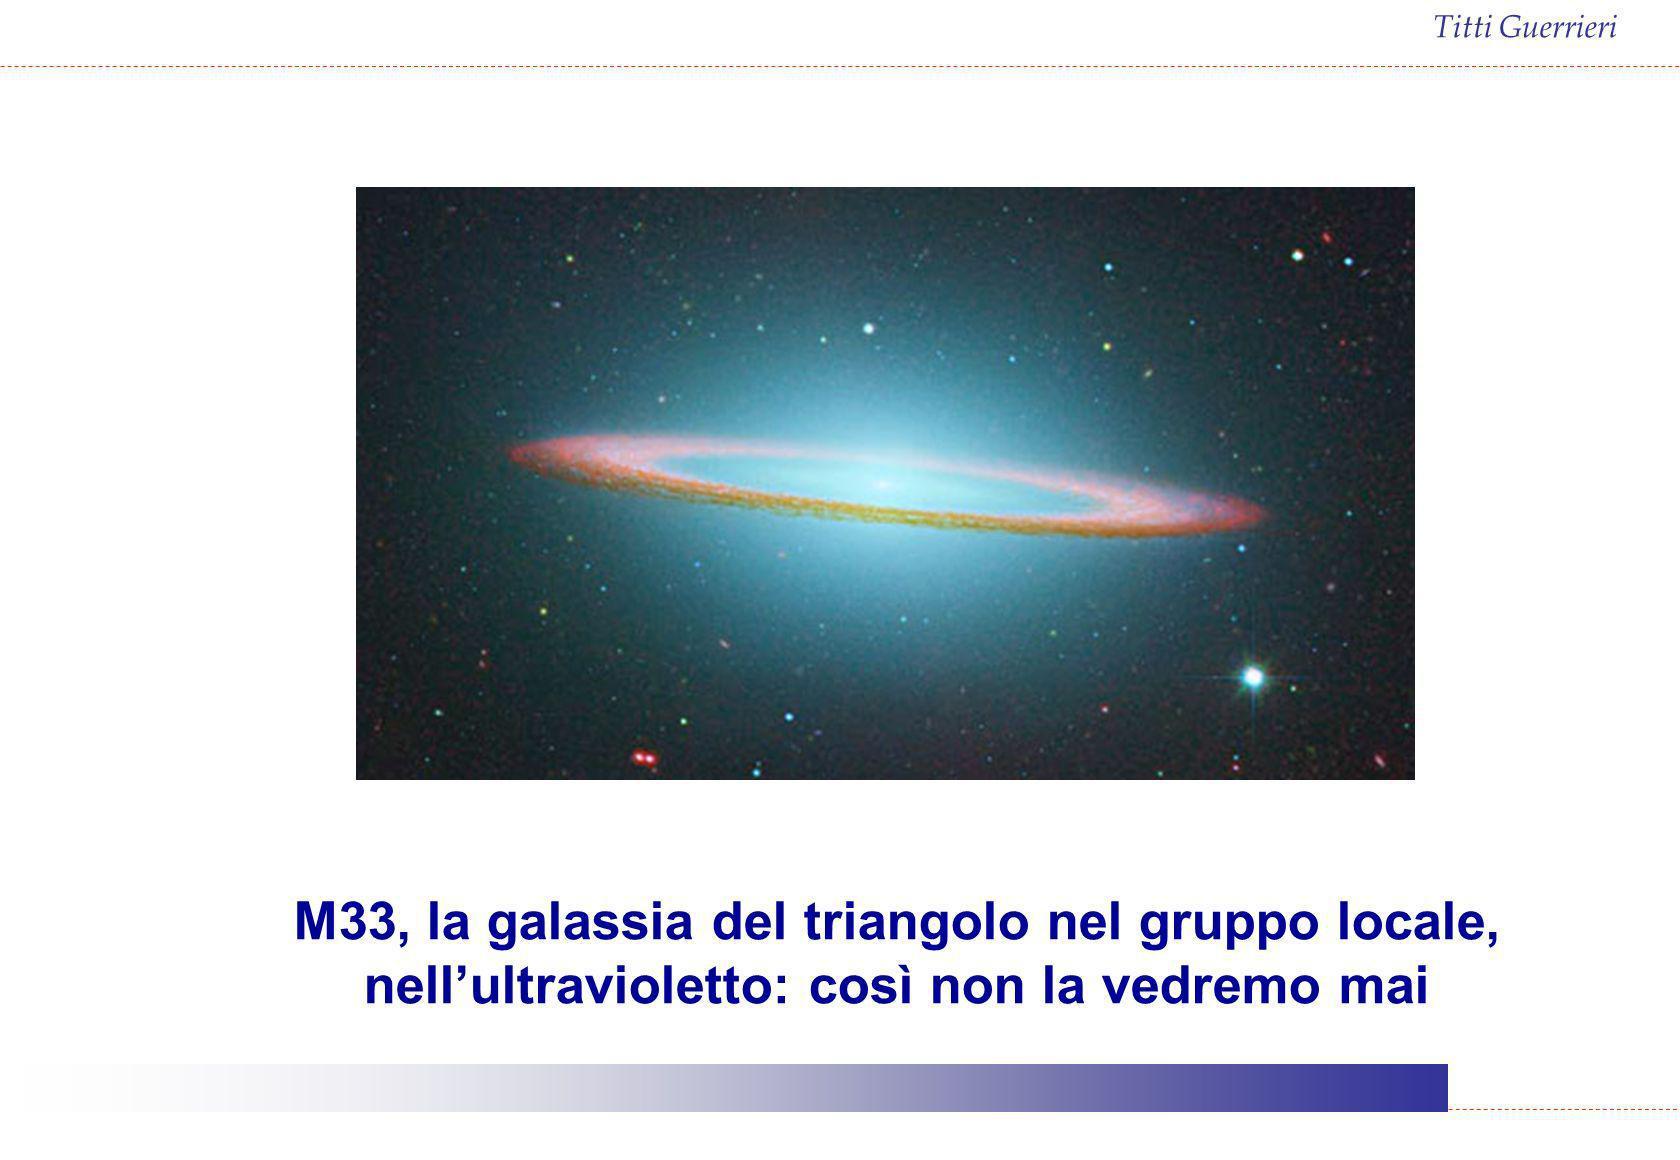 Titti Guerrieri M33, la galassia del triangolo nel gruppo locale, nellultravioletto: così non la vedremo mai